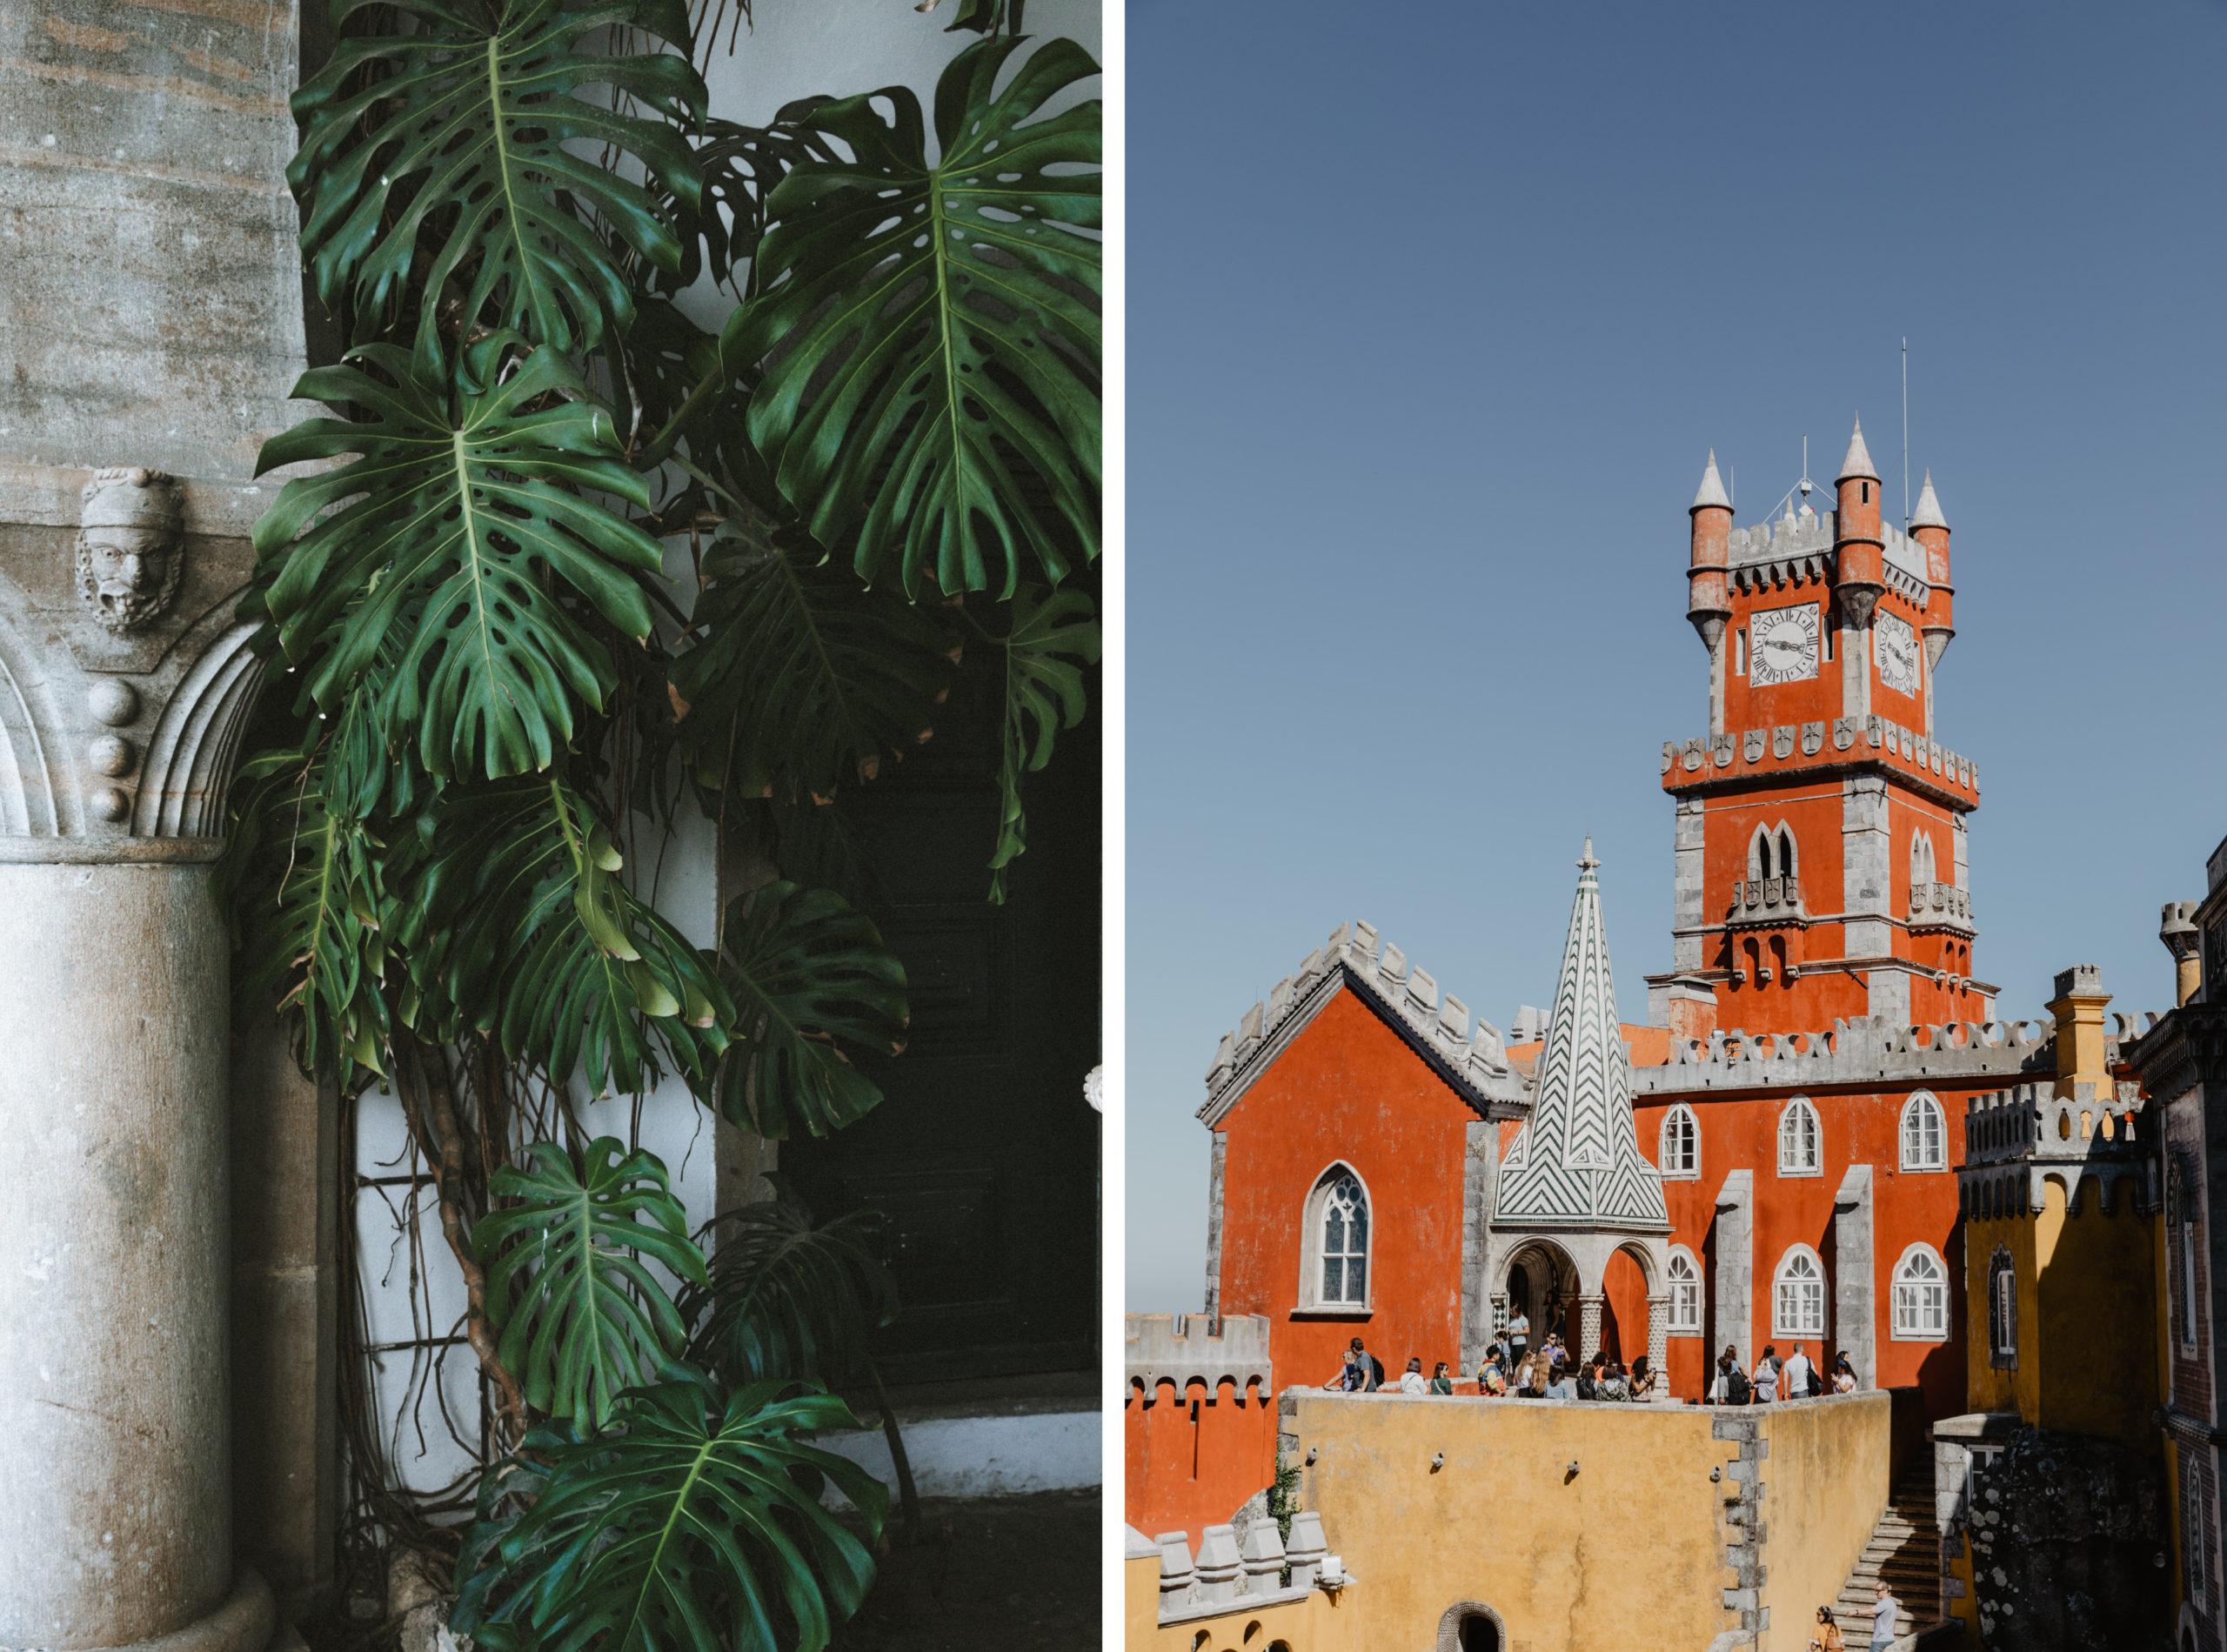 Tagesausflug Lissabon Sintra Sehenswürdigkeiten